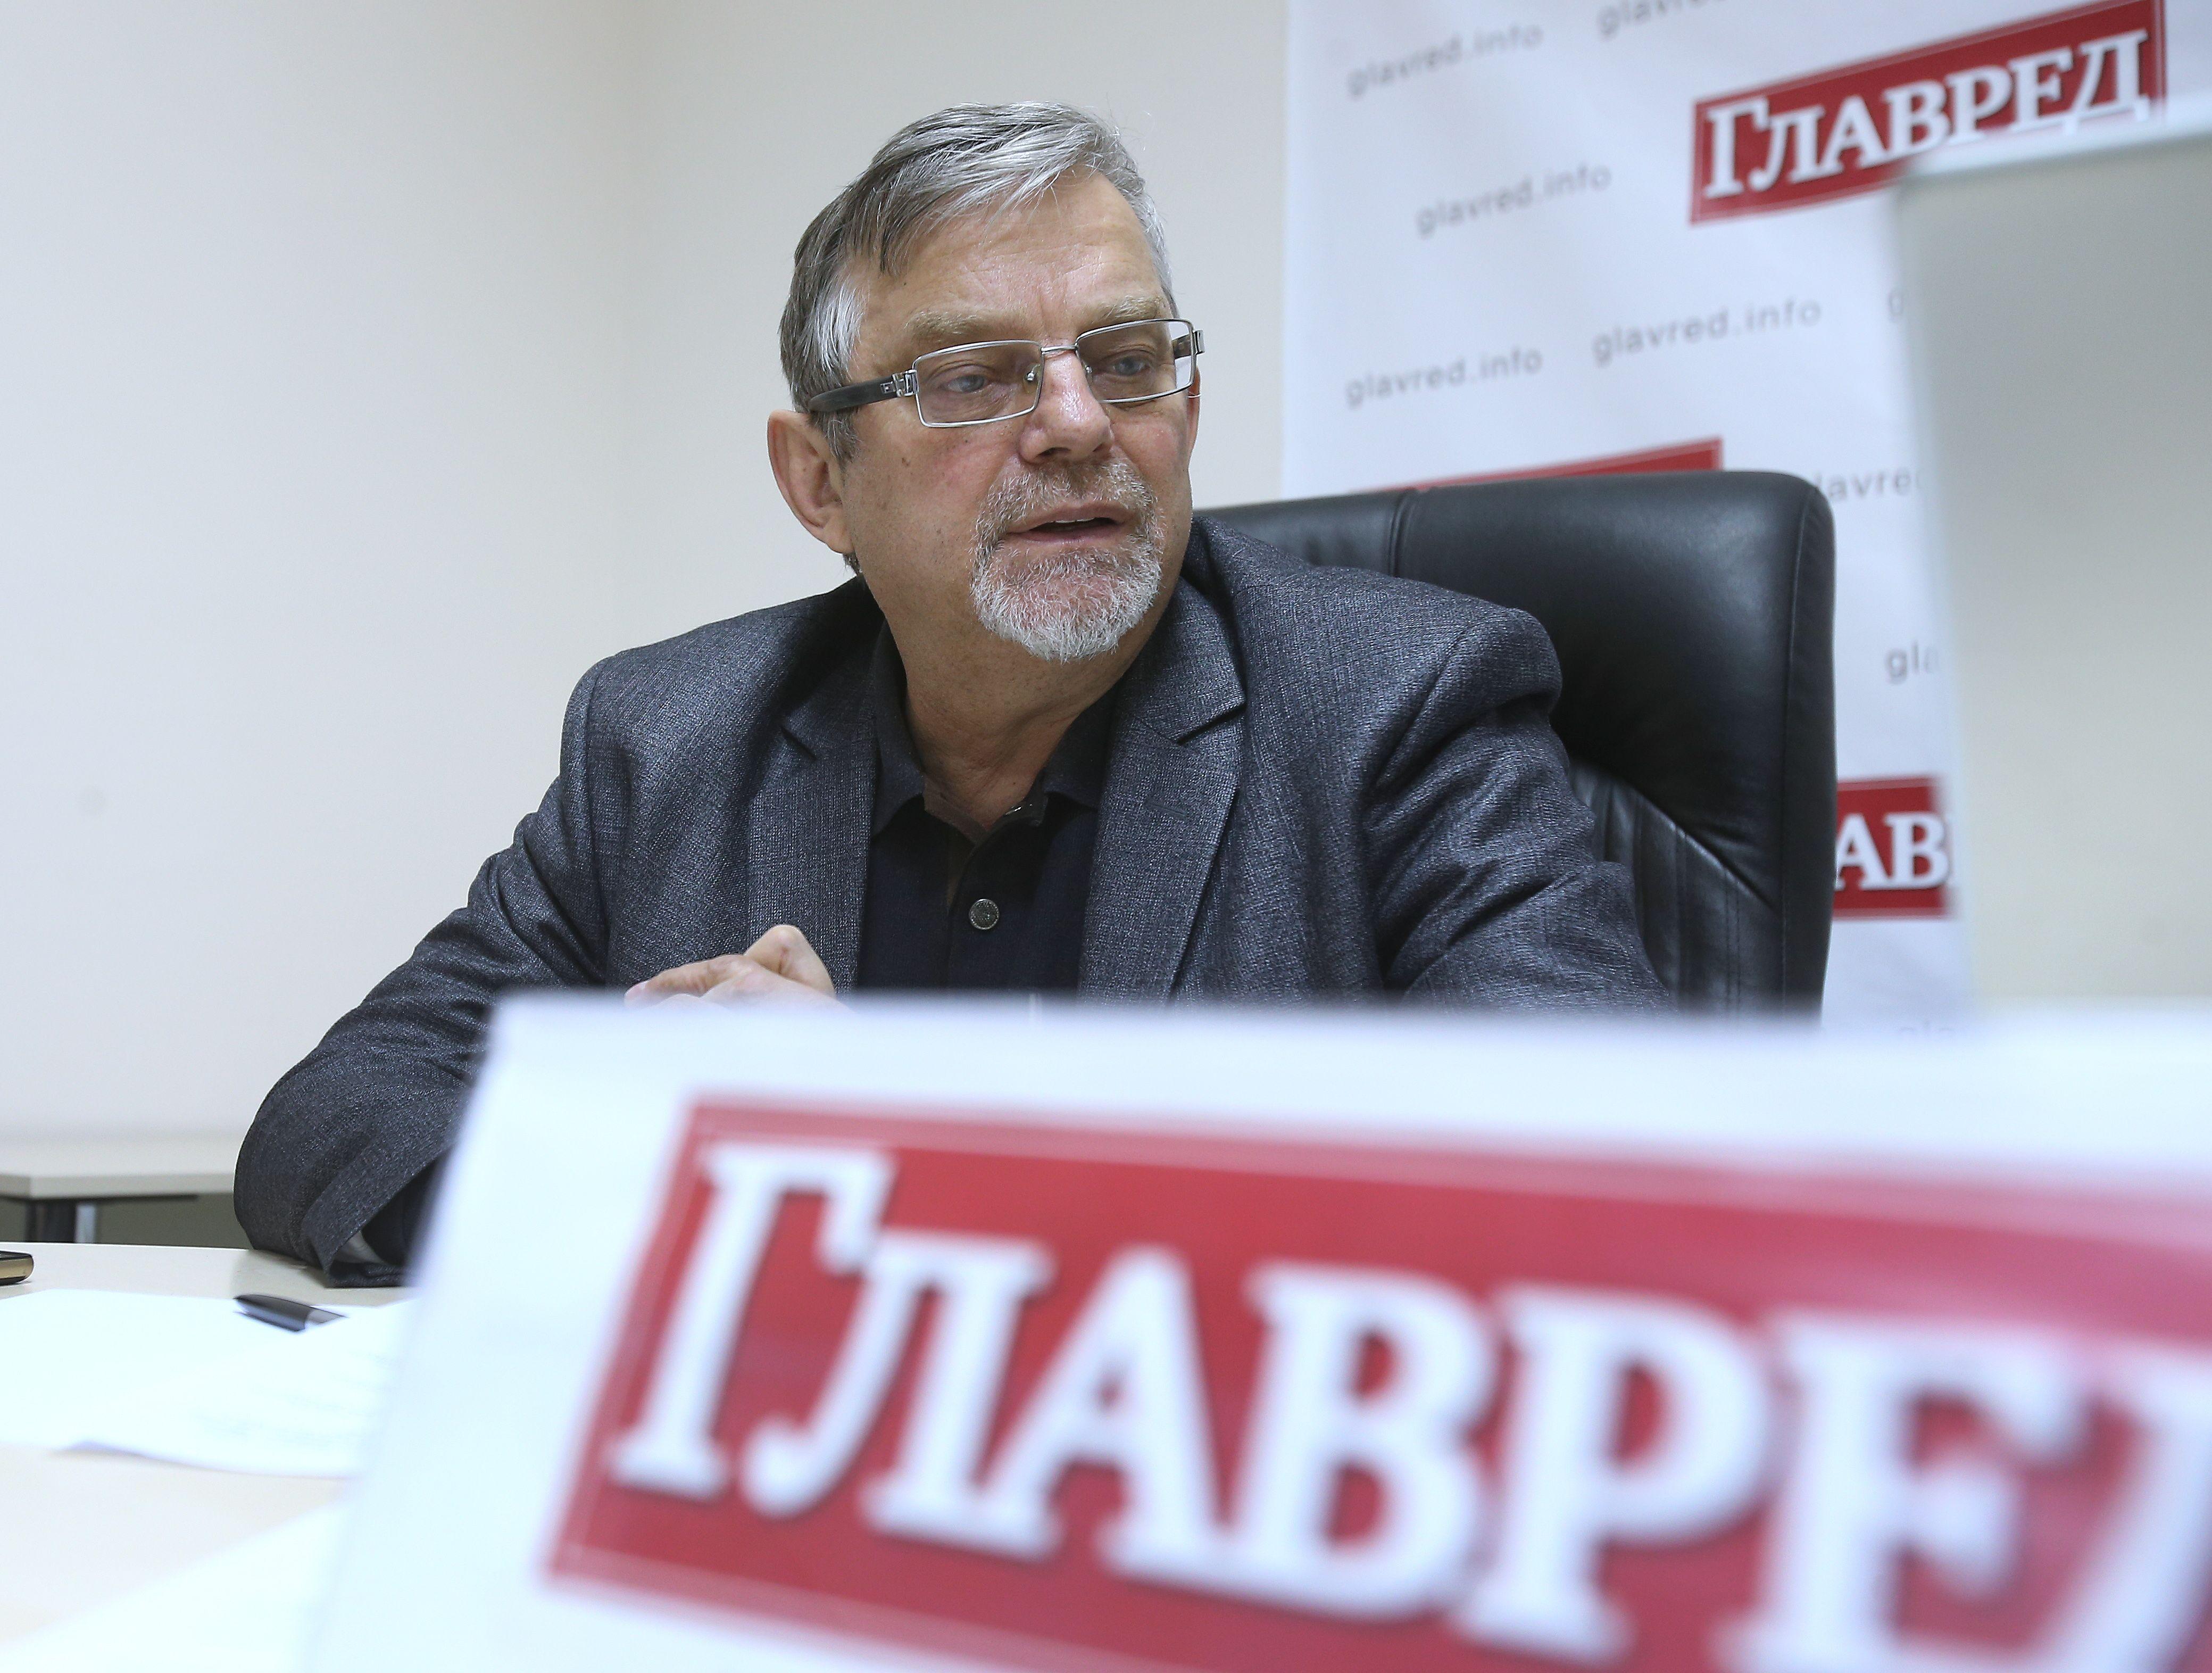 Эксперт полагает, что в Украине военное положение приучило граждан к чрезвычайным ситуациям